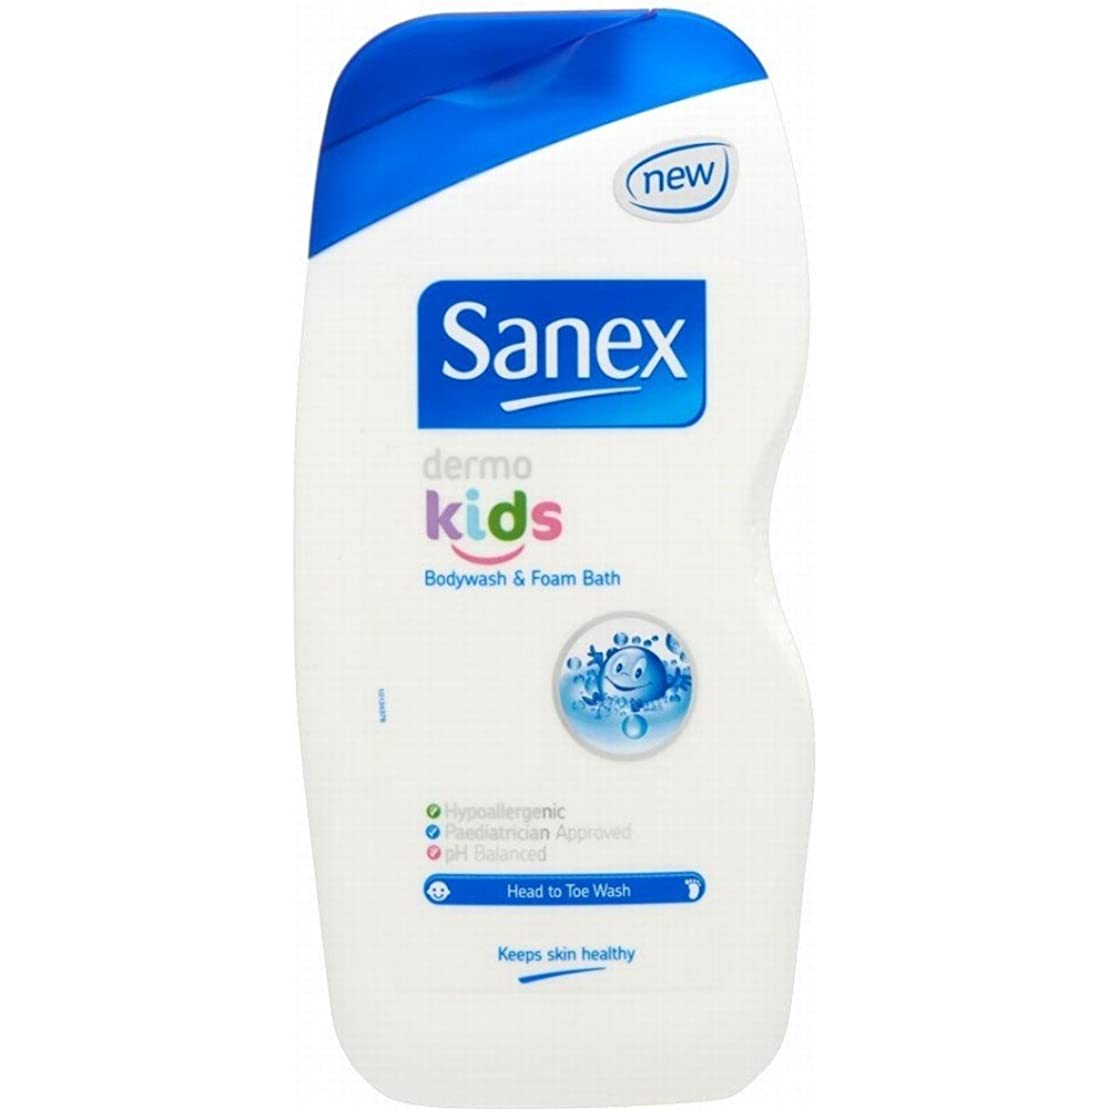 エンジニアリング例外言い訳Sanex Dermo Kids Body Wash & Foam Bath (500ml) Sanex真皮キッズボディウォッシュと泡風呂( 500ミリリットル) [並行輸入品]